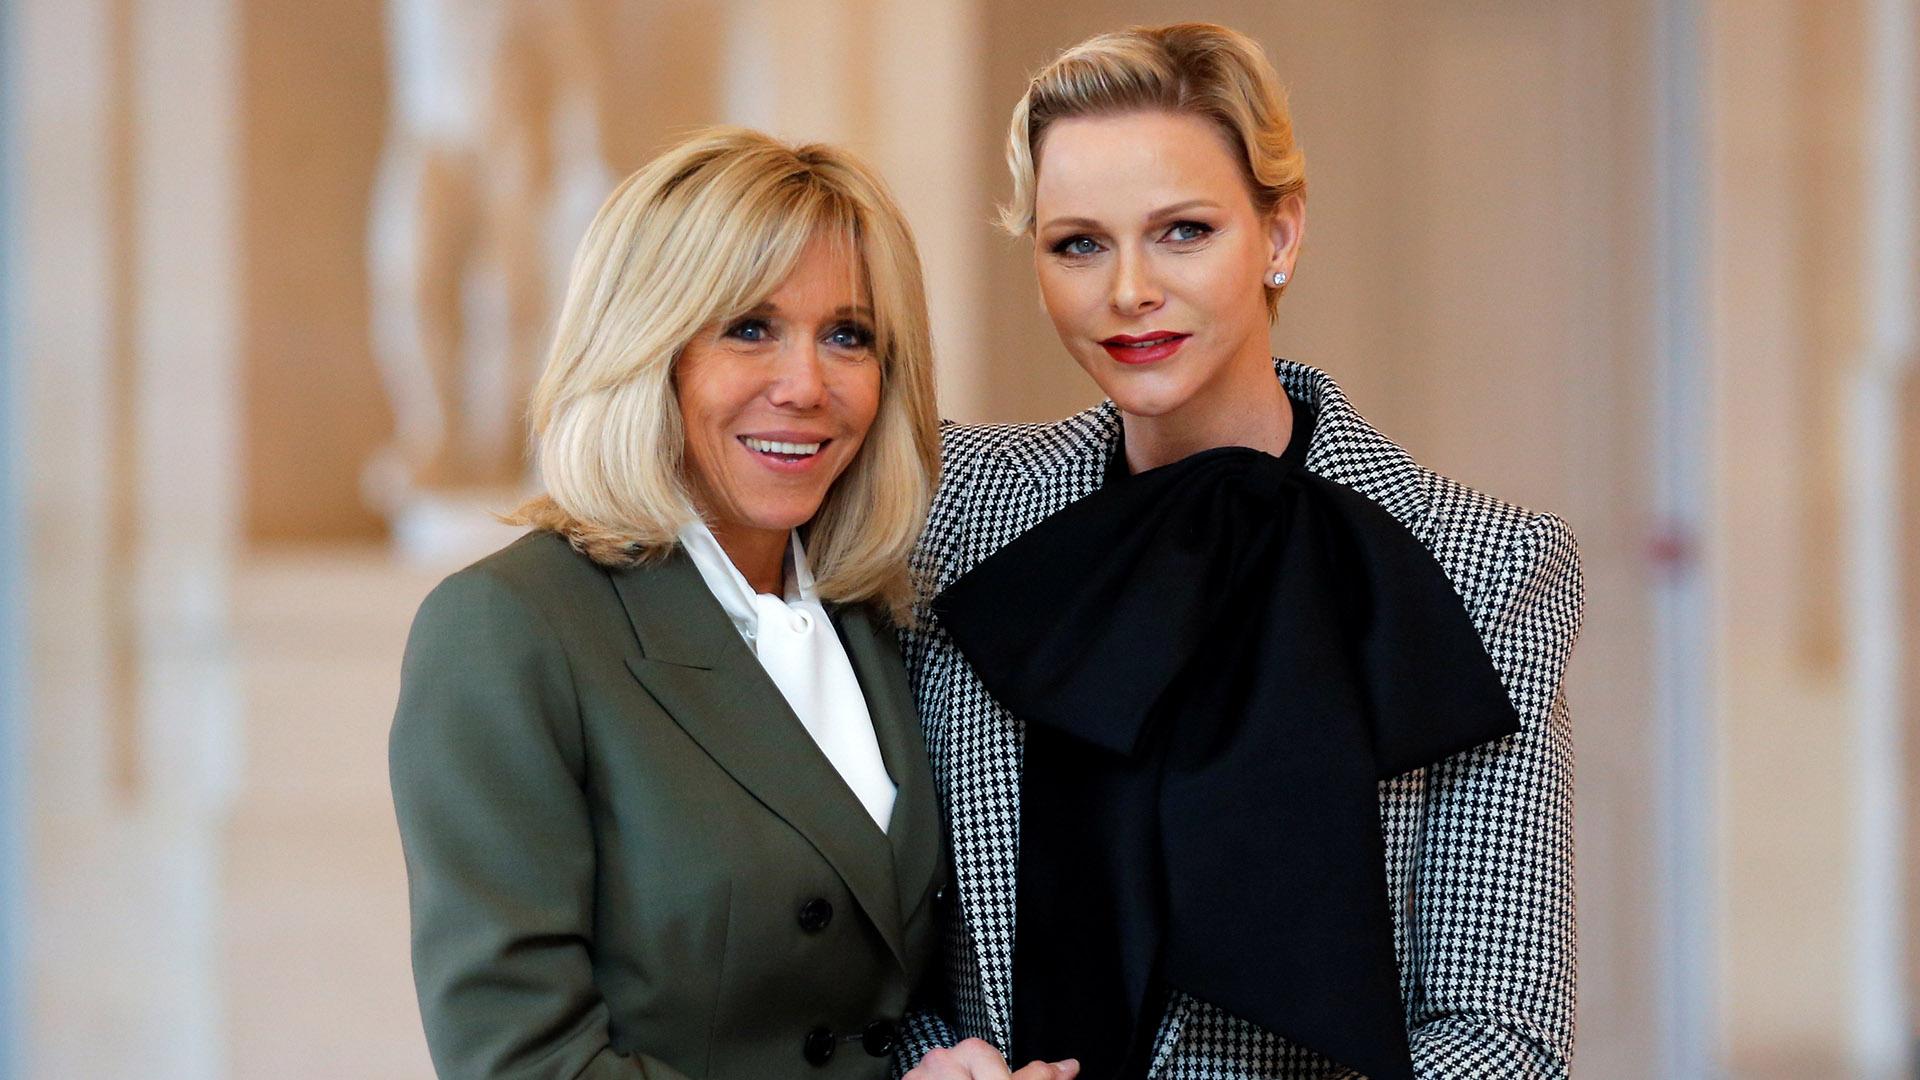 Ambas mujeres derrocharon simpatía y mucha elegancia en sus estilismos